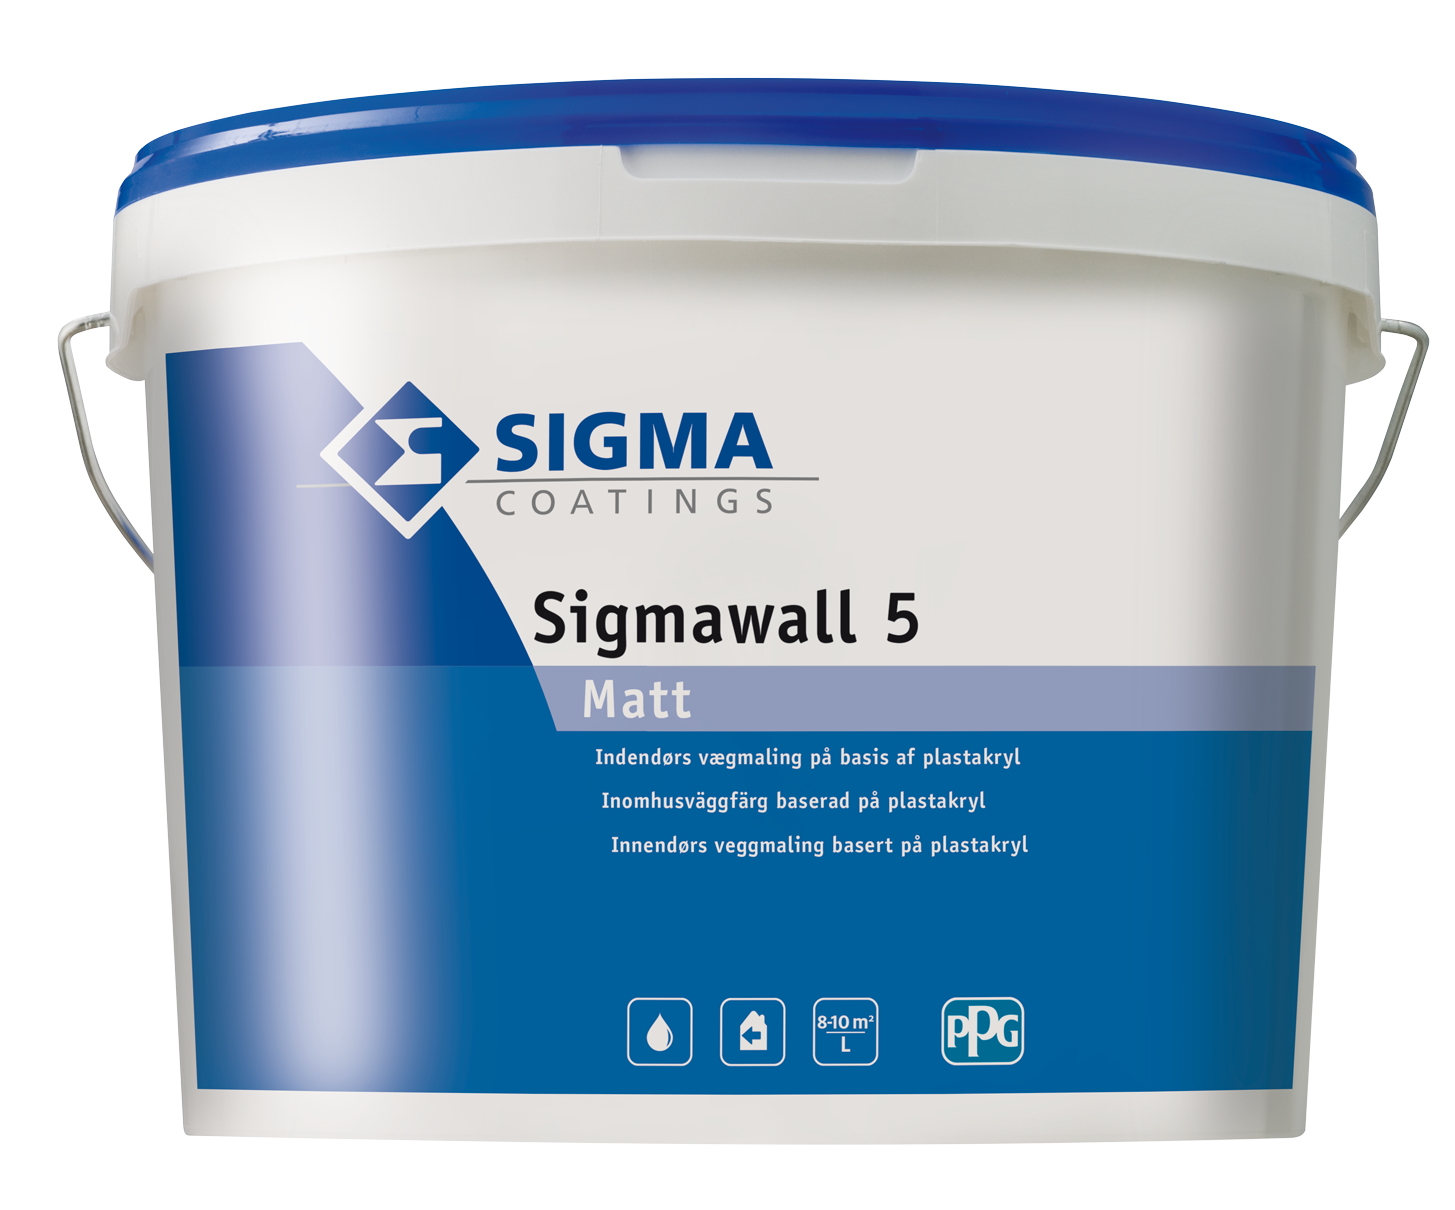 Sigmawall 5